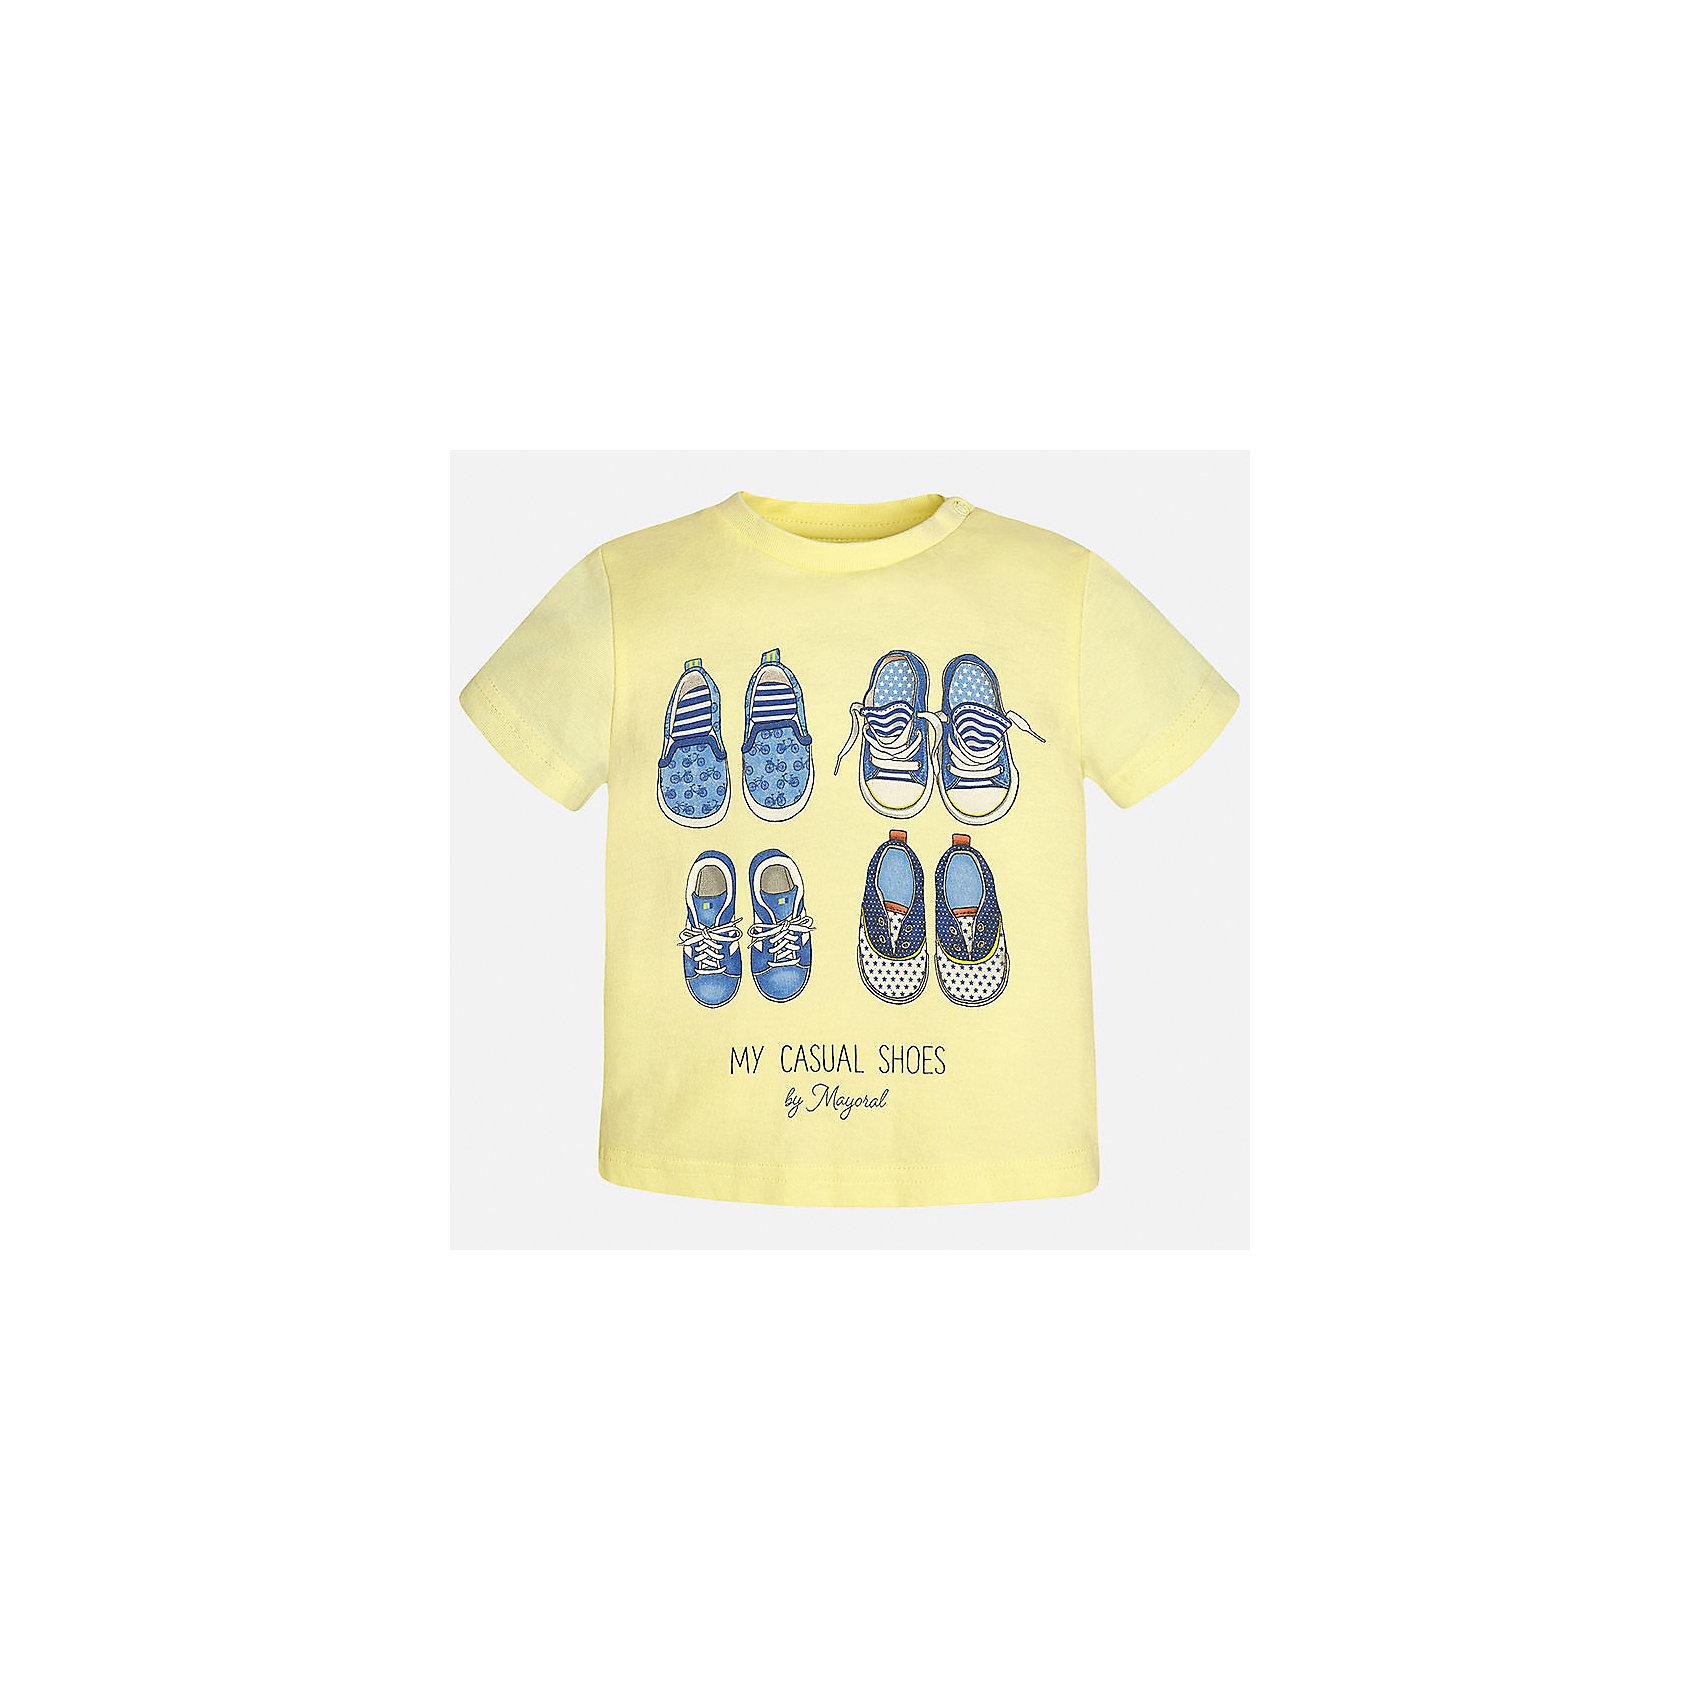 Футболка для мальчика MayoralФутболки, топы<br>Характеристики товара:<br><br>• цвет: желтый<br>• состав: 100% хлопок<br>• круглый горловой вырез<br>• декорирована принтом<br>• короткие рукава<br>• мягкая отделка горловины<br>• страна бренда: Испания<br><br>Стильная удобная футболка с принтом поможет разнообразить гардероб мальчика. Она отлично сочетается с брюками, шортами, джинсами. Универсальный крой и цвет позволяет подобрать к вещи низ разных расцветок. Практичное и стильное изделие! Хорошо смотрится и комфортно сидит на детях. В составе материала - натуральный хлопок, гипоаллергенный, приятный на ощупь, дышащий. <br><br>Одежда, обувь и аксессуары от испанского бренда Mayoral полюбились детям и взрослым по всему миру. Модели этой марки - стильные и удобные. Для их производства используются только безопасные, качественные материалы и фурнитура. Порадуйте ребенка модными и красивыми вещами от Mayoral! <br><br>Футболку для мальчика от испанского бренда Mayoral (Майорал) можно купить в нашем интернет-магазине.<br><br>Ширина мм: 199<br>Глубина мм: 10<br>Высота мм: 161<br>Вес г: 151<br>Цвет: оранжевый<br>Возраст от месяцев: 12<br>Возраст до месяцев: 18<br>Пол: Мужской<br>Возраст: Детский<br>Размер: 86,80,92<br>SKU: 5278405